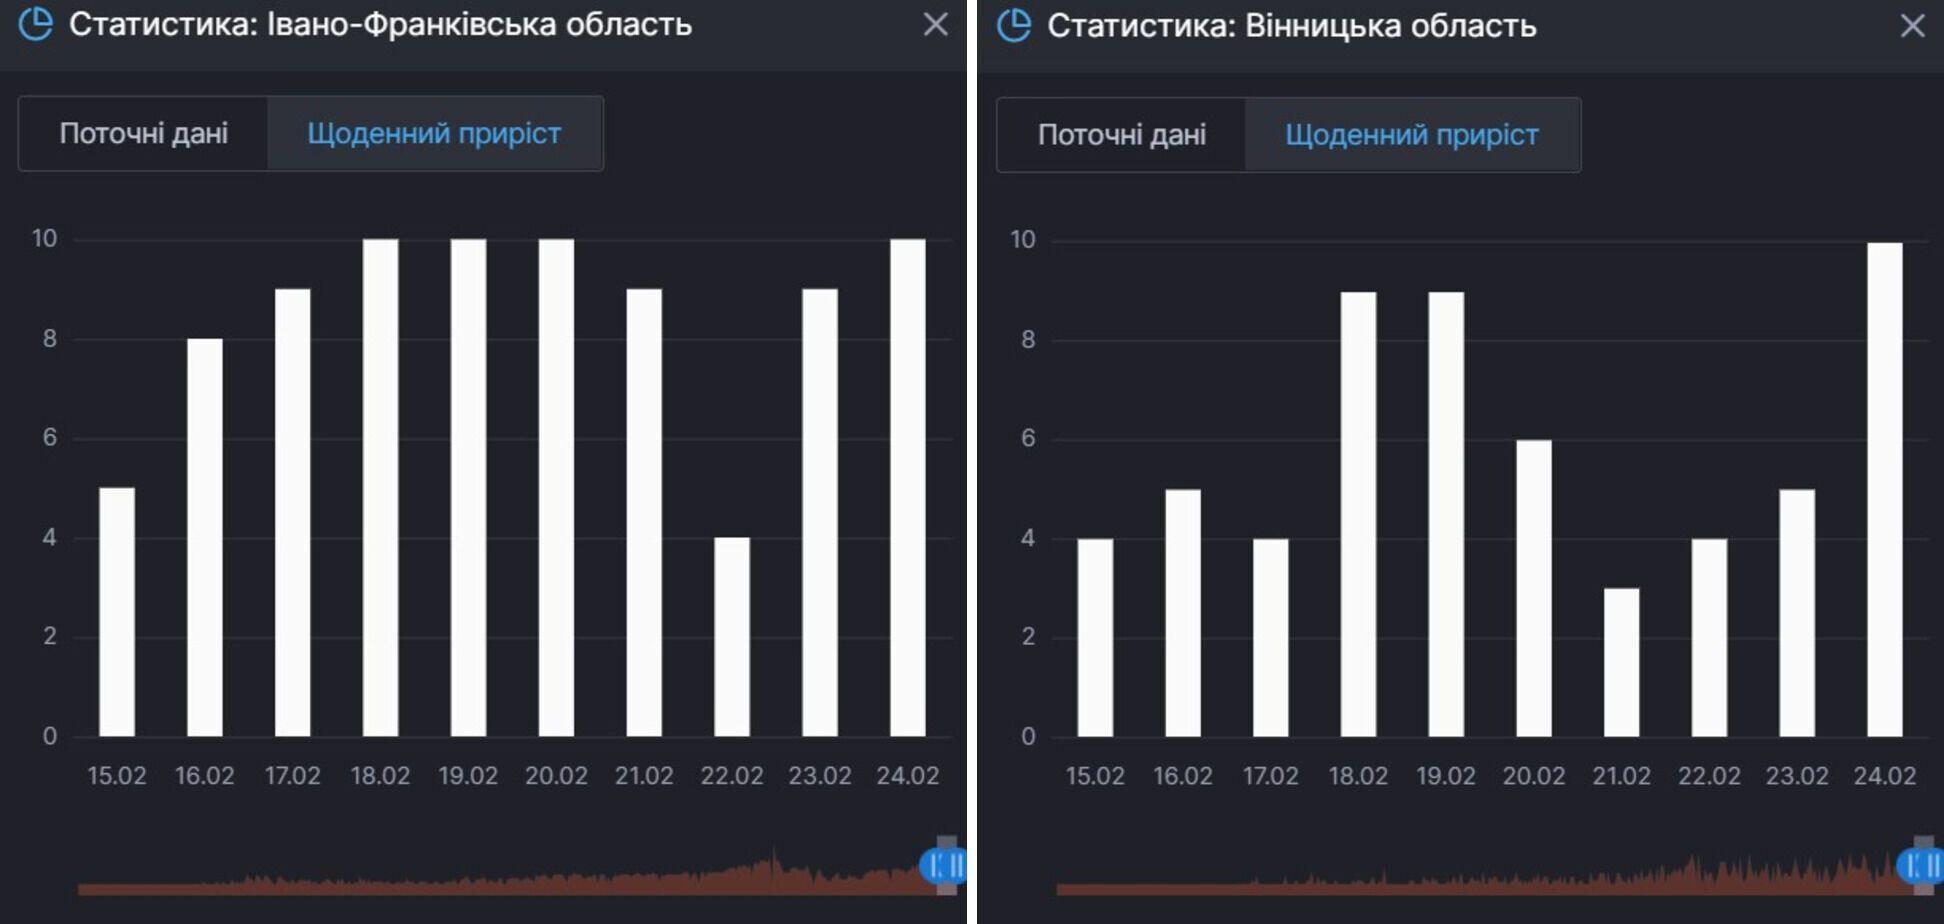 Прирост смертей от COVID-19 в Ивано-Франковской и Винницкой областях